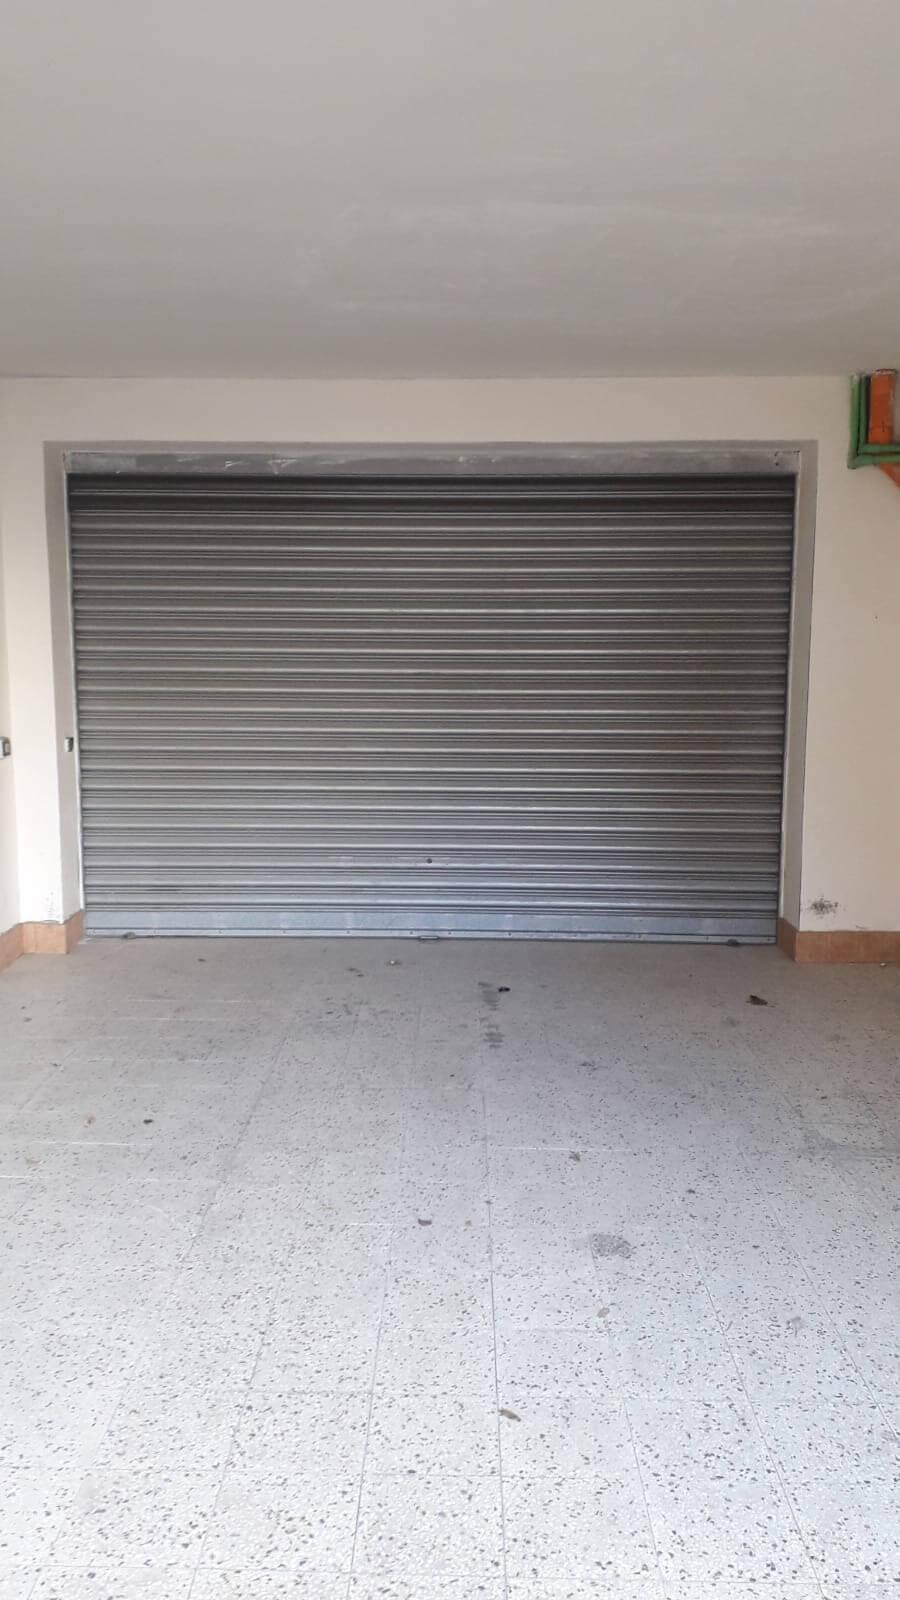 Cod. Pm 075 Due garages in ottimo stato